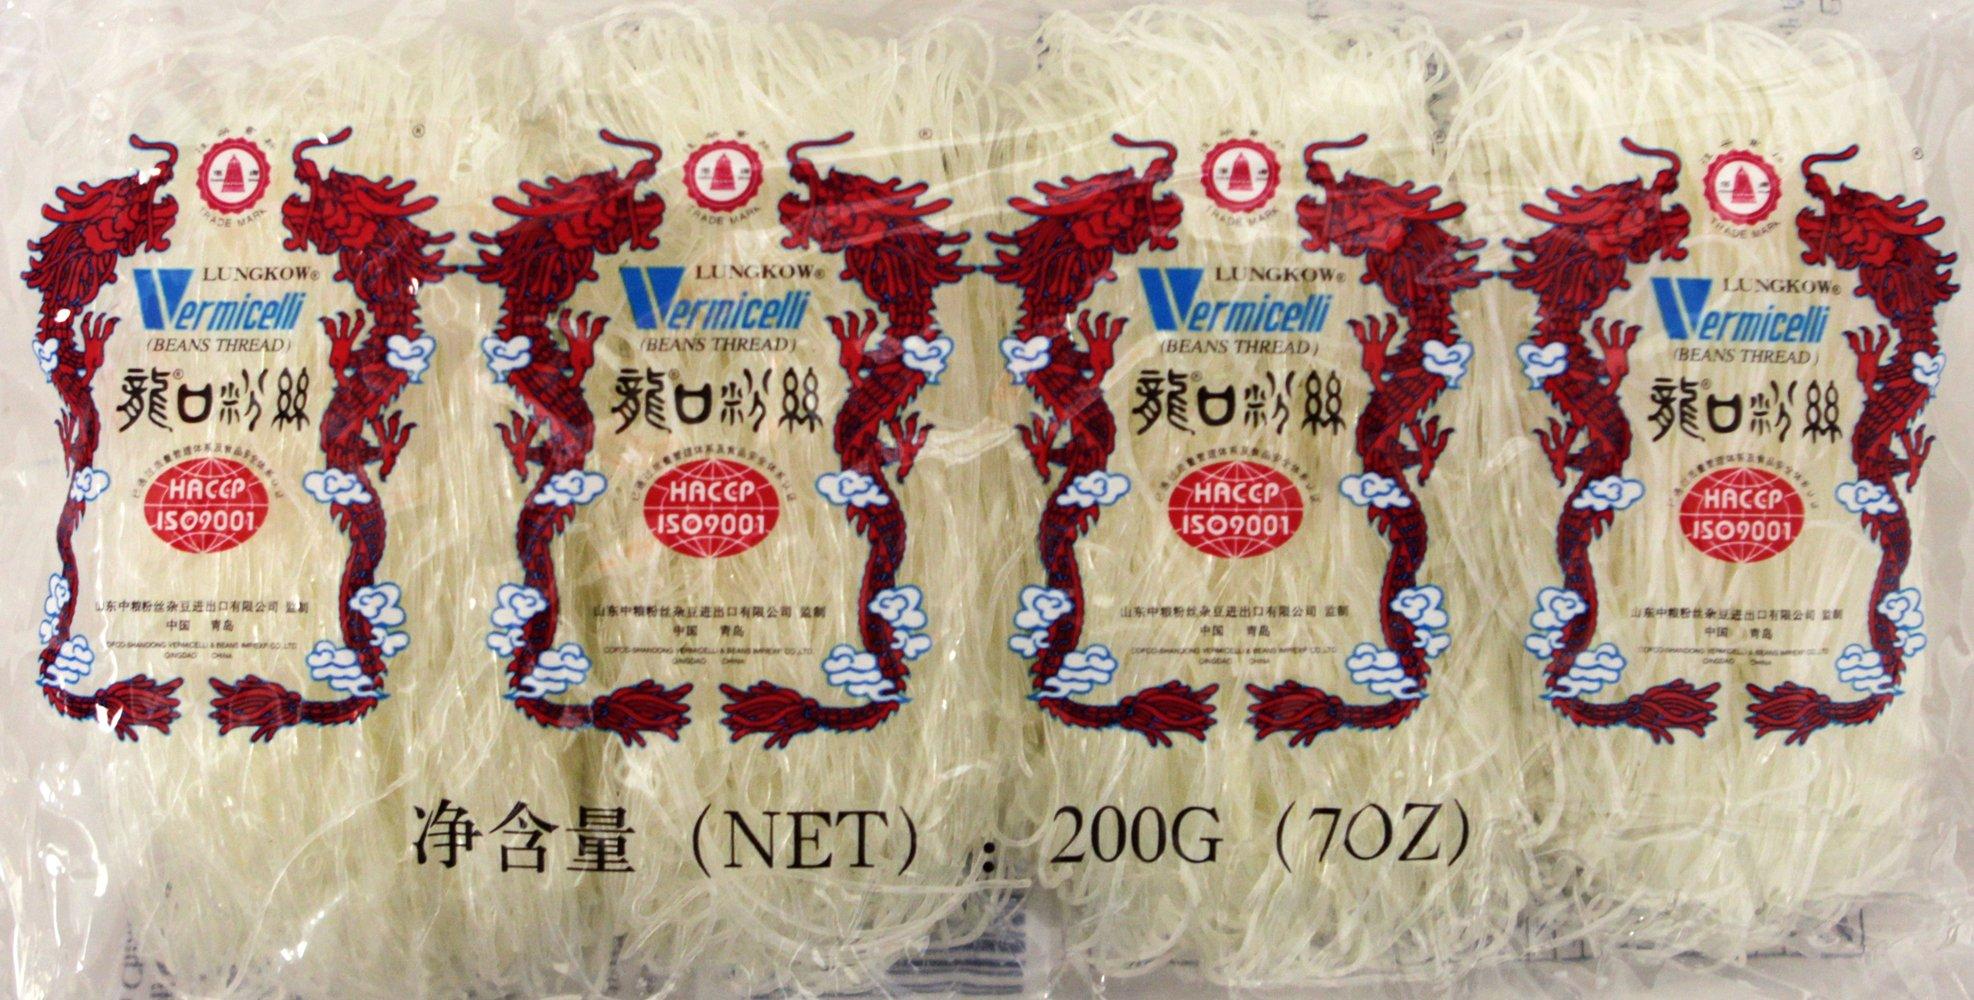 (龙口粉丝) Lungkow Pagoda Green Been Threads Crystal Noodle - Vermicelli 7oz (pack of 6) by Pagoda